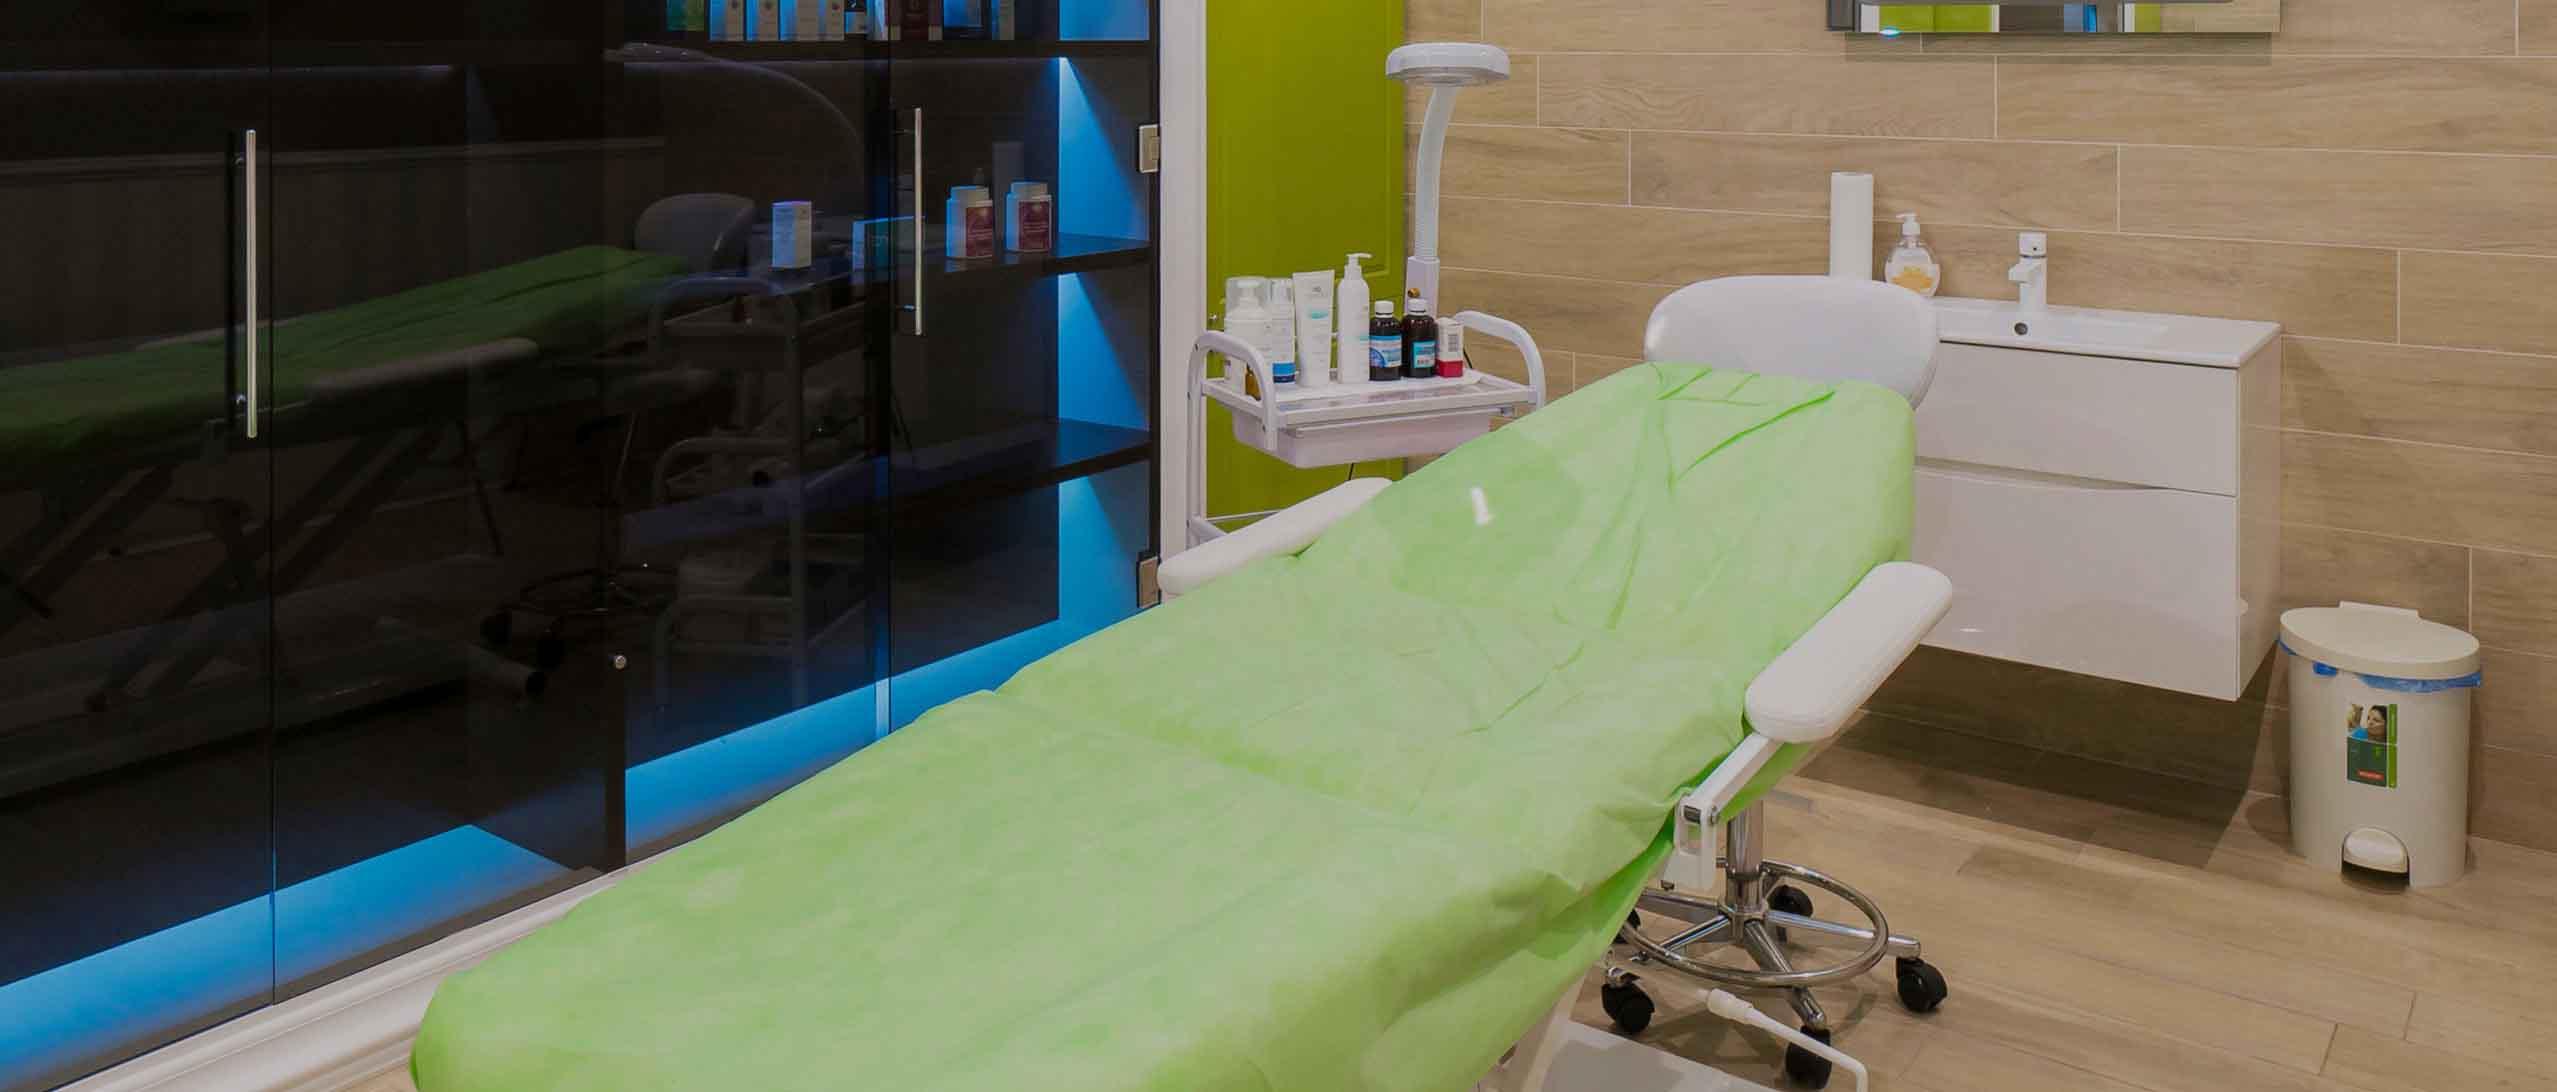 Оборудование в медицинский центр Европейской дерматологии в Харькове